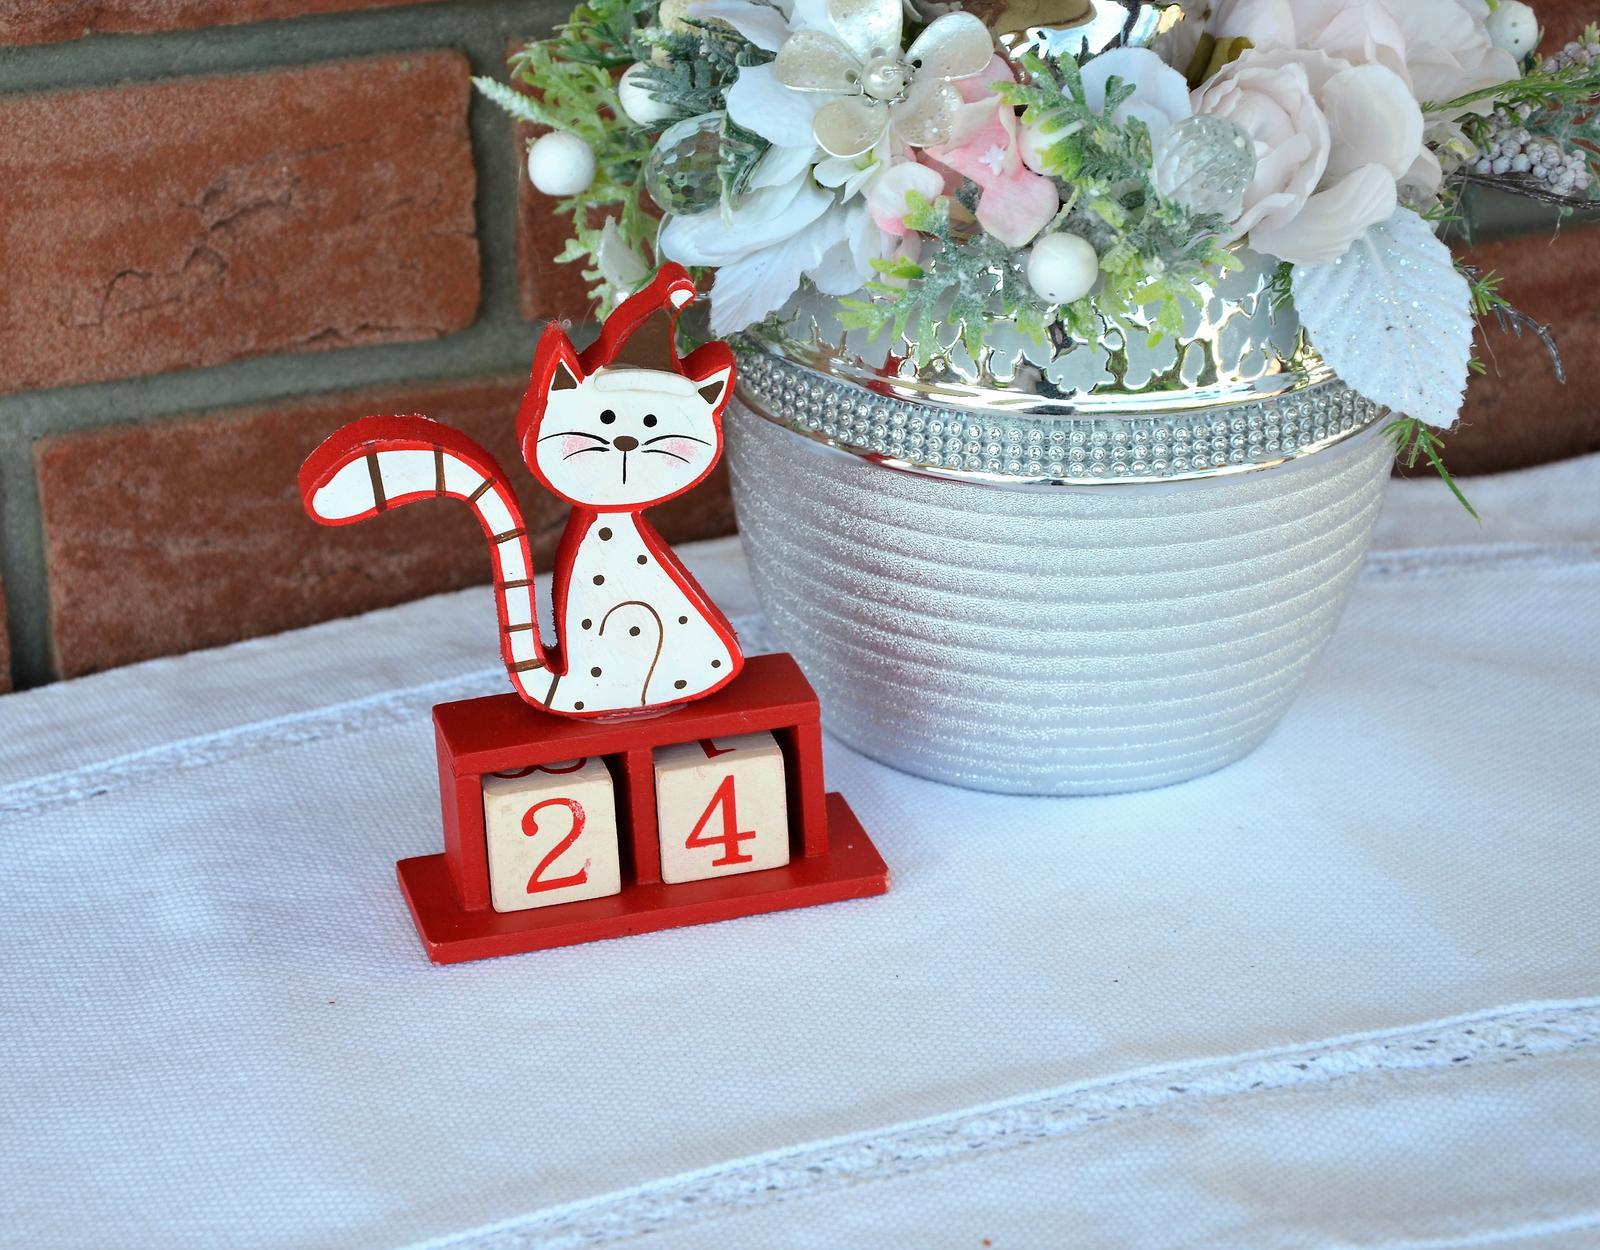 vianočný adventný kalendár mačička - Obrázok č. 1